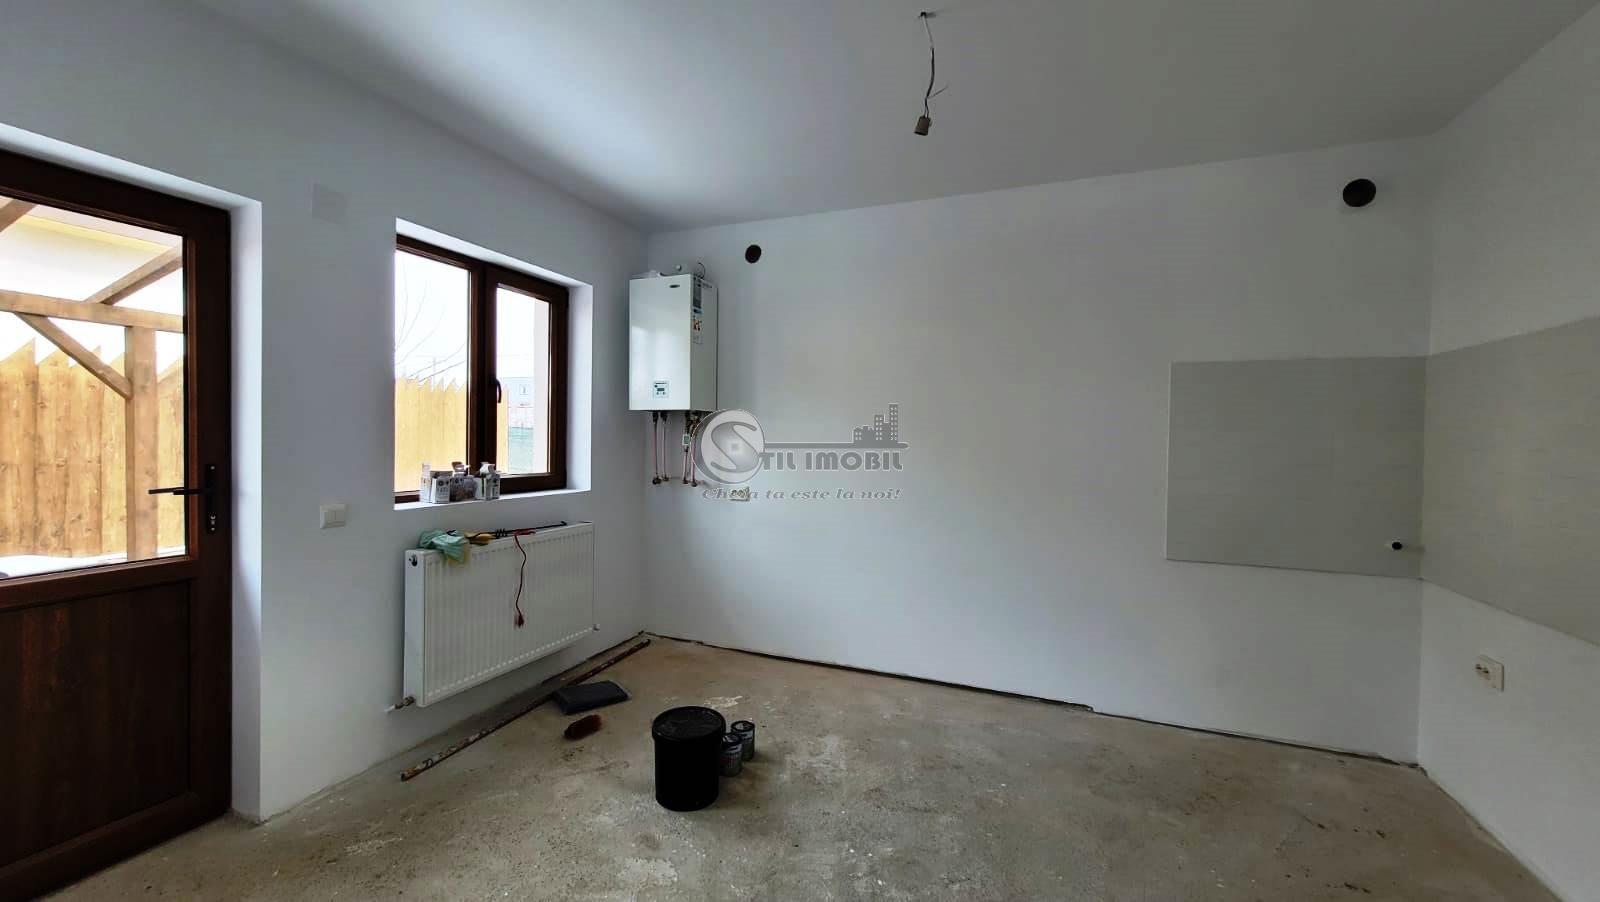 Casa 4 camere 2 bai plan parter zona Miroslava